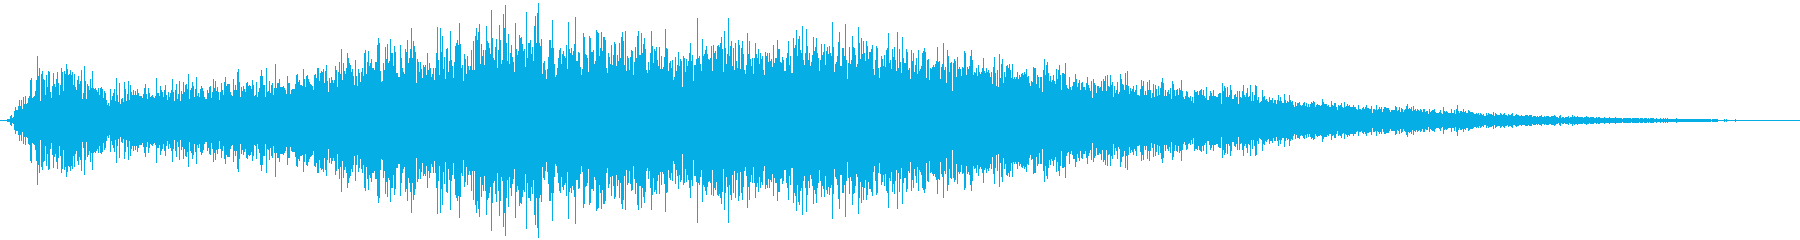 インナーファイバーの再生済みの波形